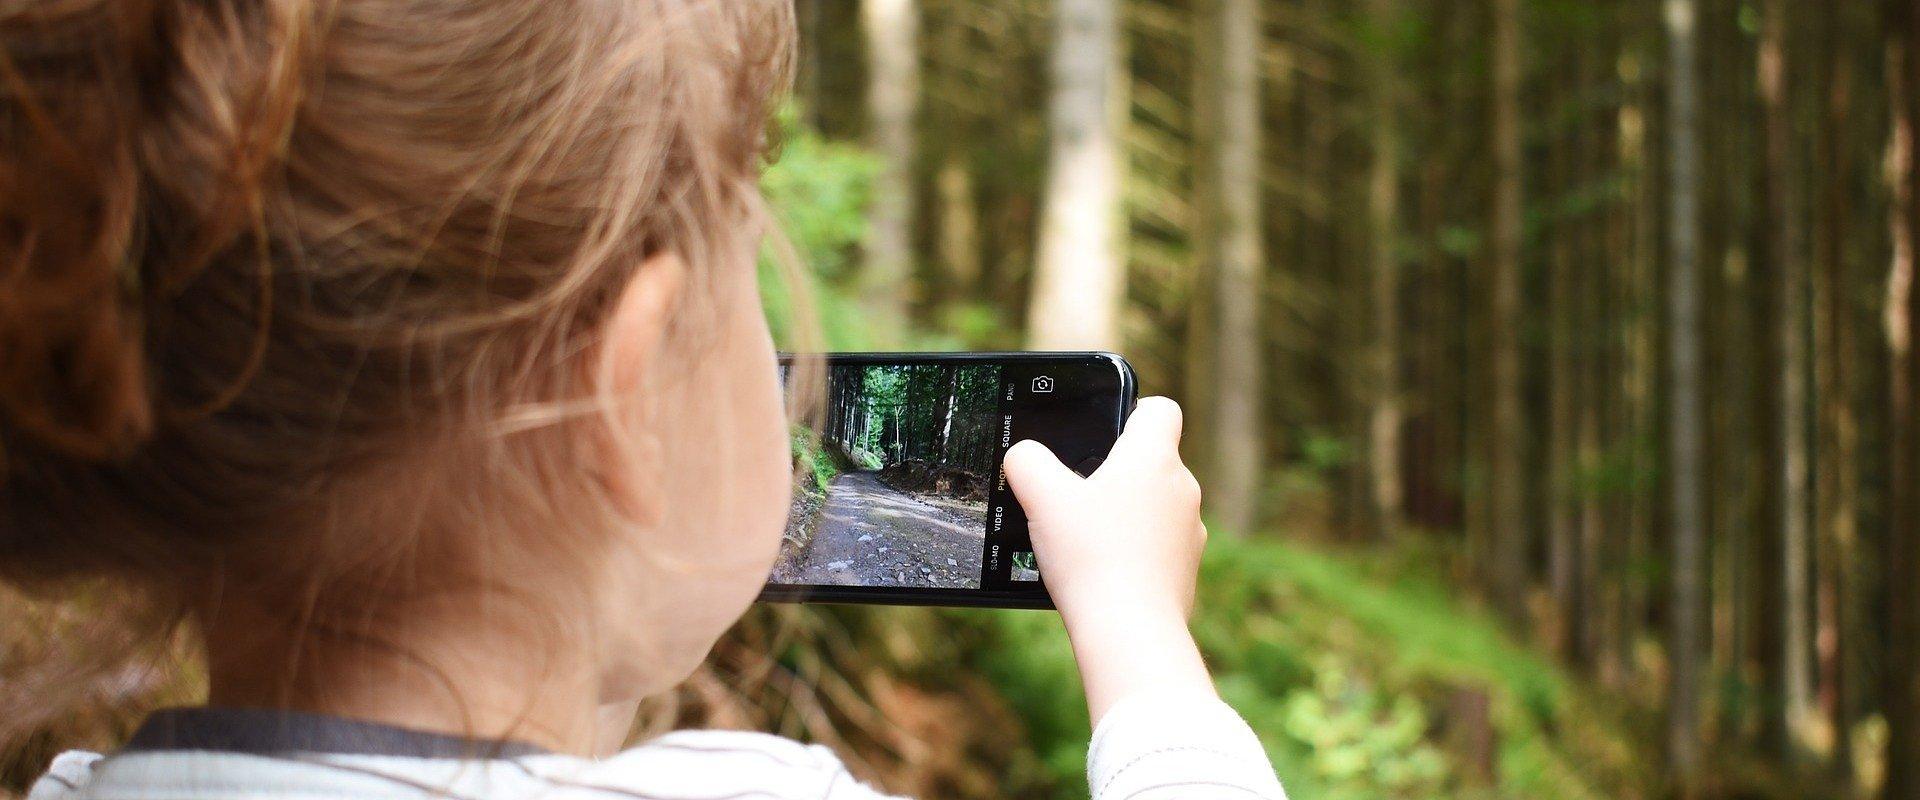 Bezpieczny telefon dla dziecka – jak zabezpieczyć smartfon podczas wakacji?